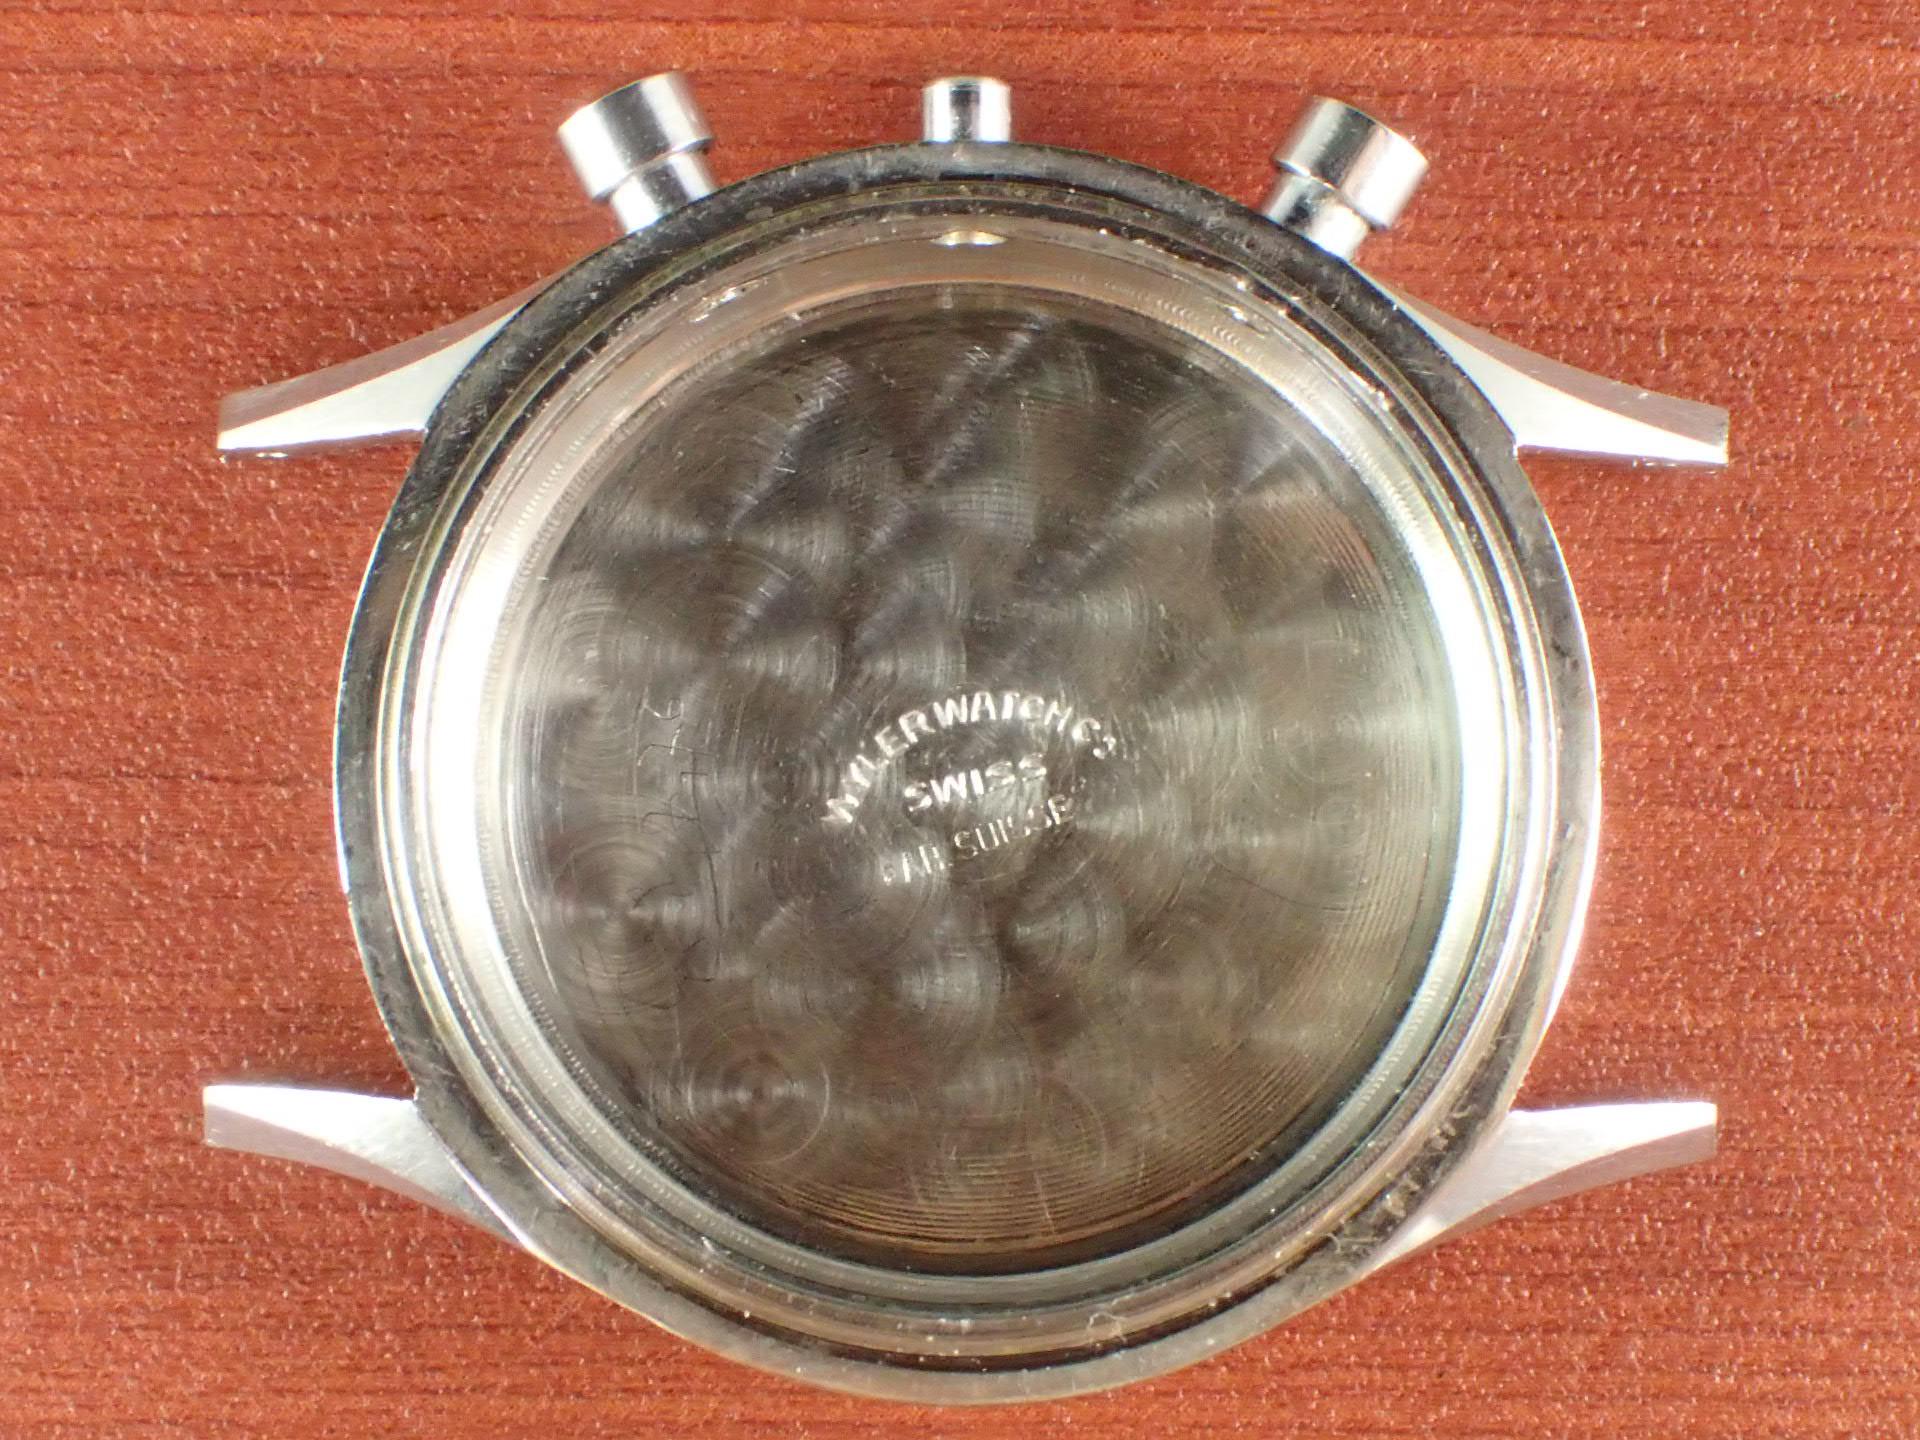 ワイラー クロノグラフ Cal.バルジュー23 インカフレックス 1940年代の写真6枚目